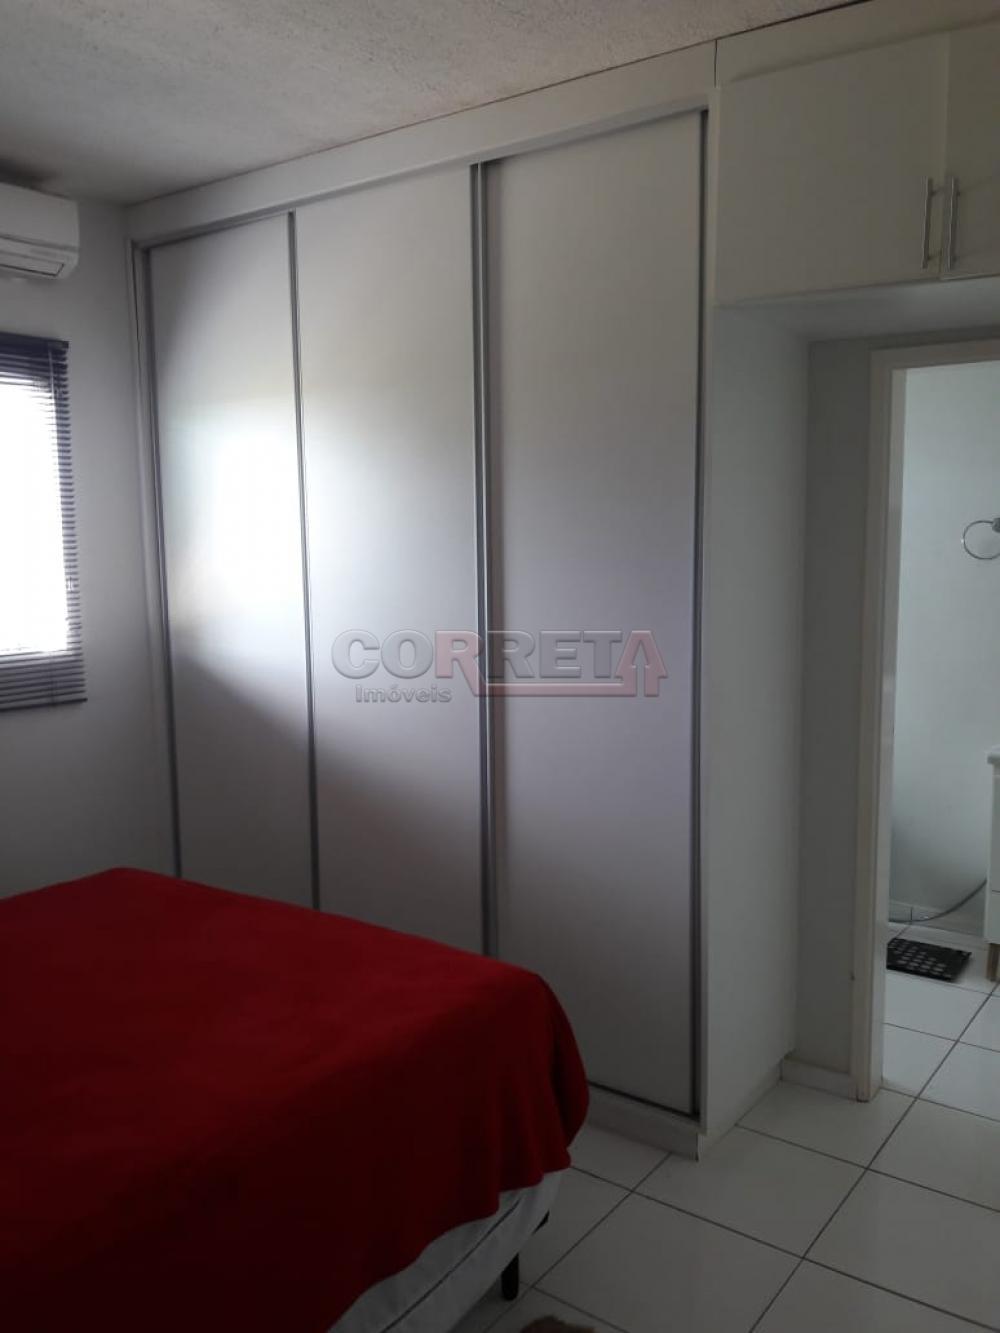 Comprar Apartamento / Padrão em Araçatuba apenas R$ 210.000,00 - Foto 5